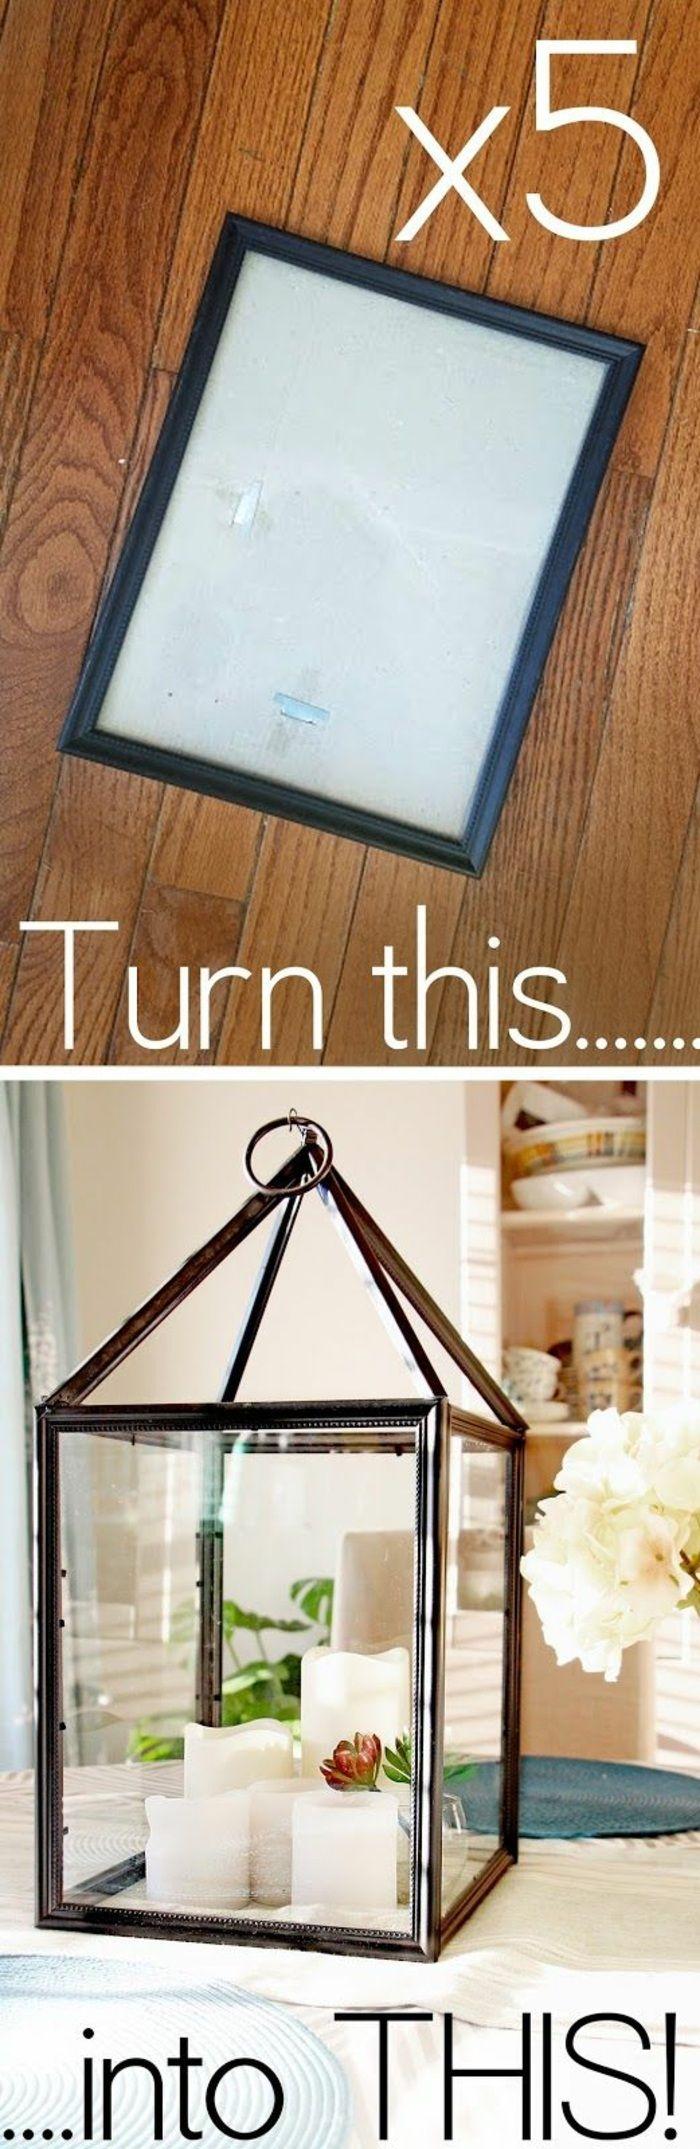 die besten 17 ideen zu alte bilderrahmen auf pinterest bilderrahmen alte rahmen und gerahmte. Black Bedroom Furniture Sets. Home Design Ideas